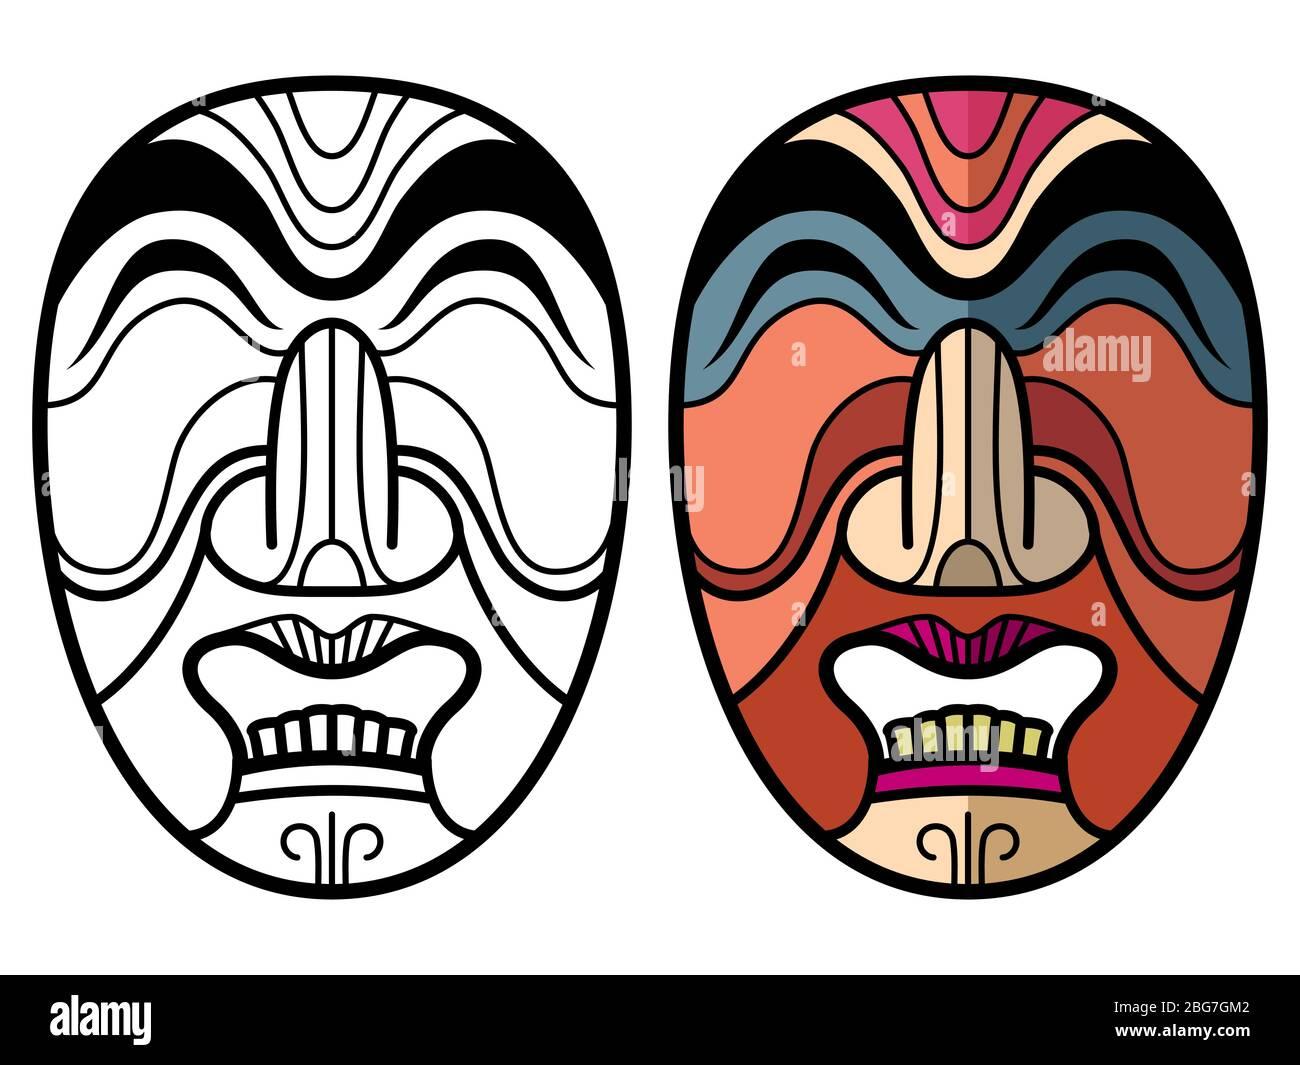 Print Adult Totem Inspiration Inca Mayan Aztec 6 Coloring Pages ...   1065x1300